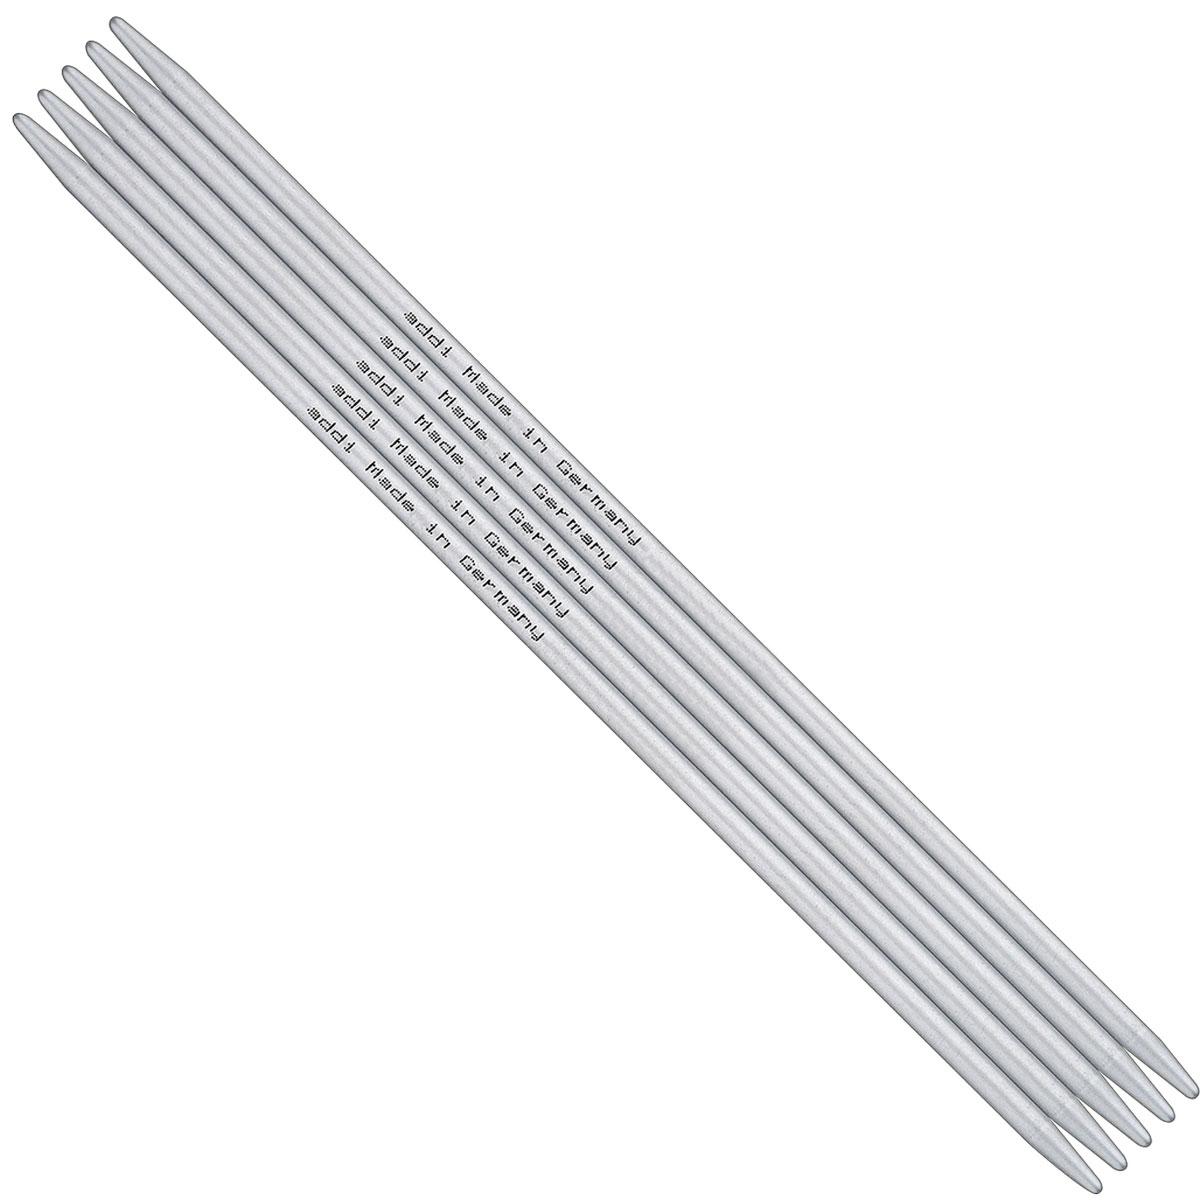 ADDI Спицы, чулочные, алюминий, №3,75, 20 см, 5 шт в блистере201-7/3.75-20Солидные и легкие чулочные спицы из высококачественного алюминия addi обладают прекрасными тактильными качествами и благородным серебристо-матовым цветом. Уникальный стук при вязании радует слух. За счет гладкой поверхности работать с ними легко и удобно. На саму спицу, как и на других артикулах, нанесен размер, длина и знаменитое Made in Germany.